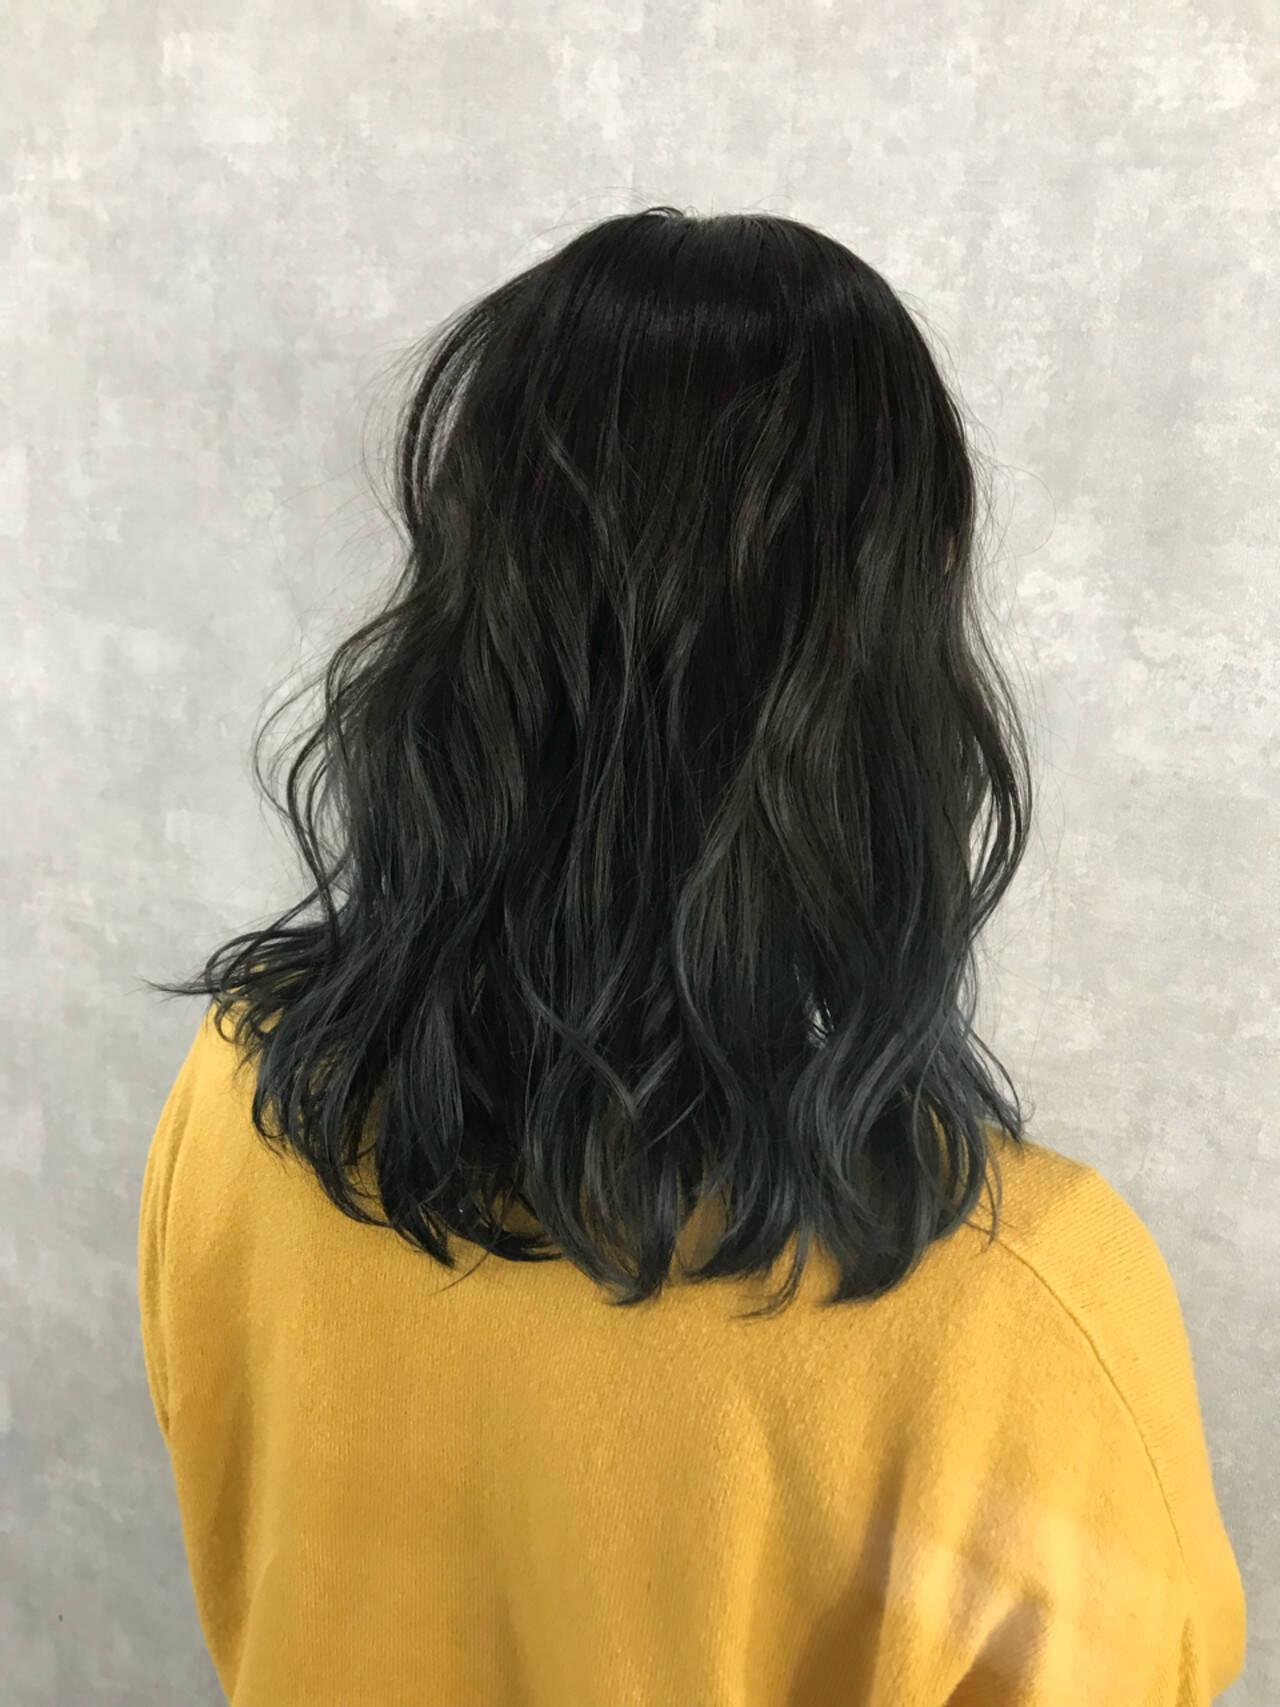 ストリート ハイライト ミディアム ダブルカラーヘアスタイルや髪型の写真・画像